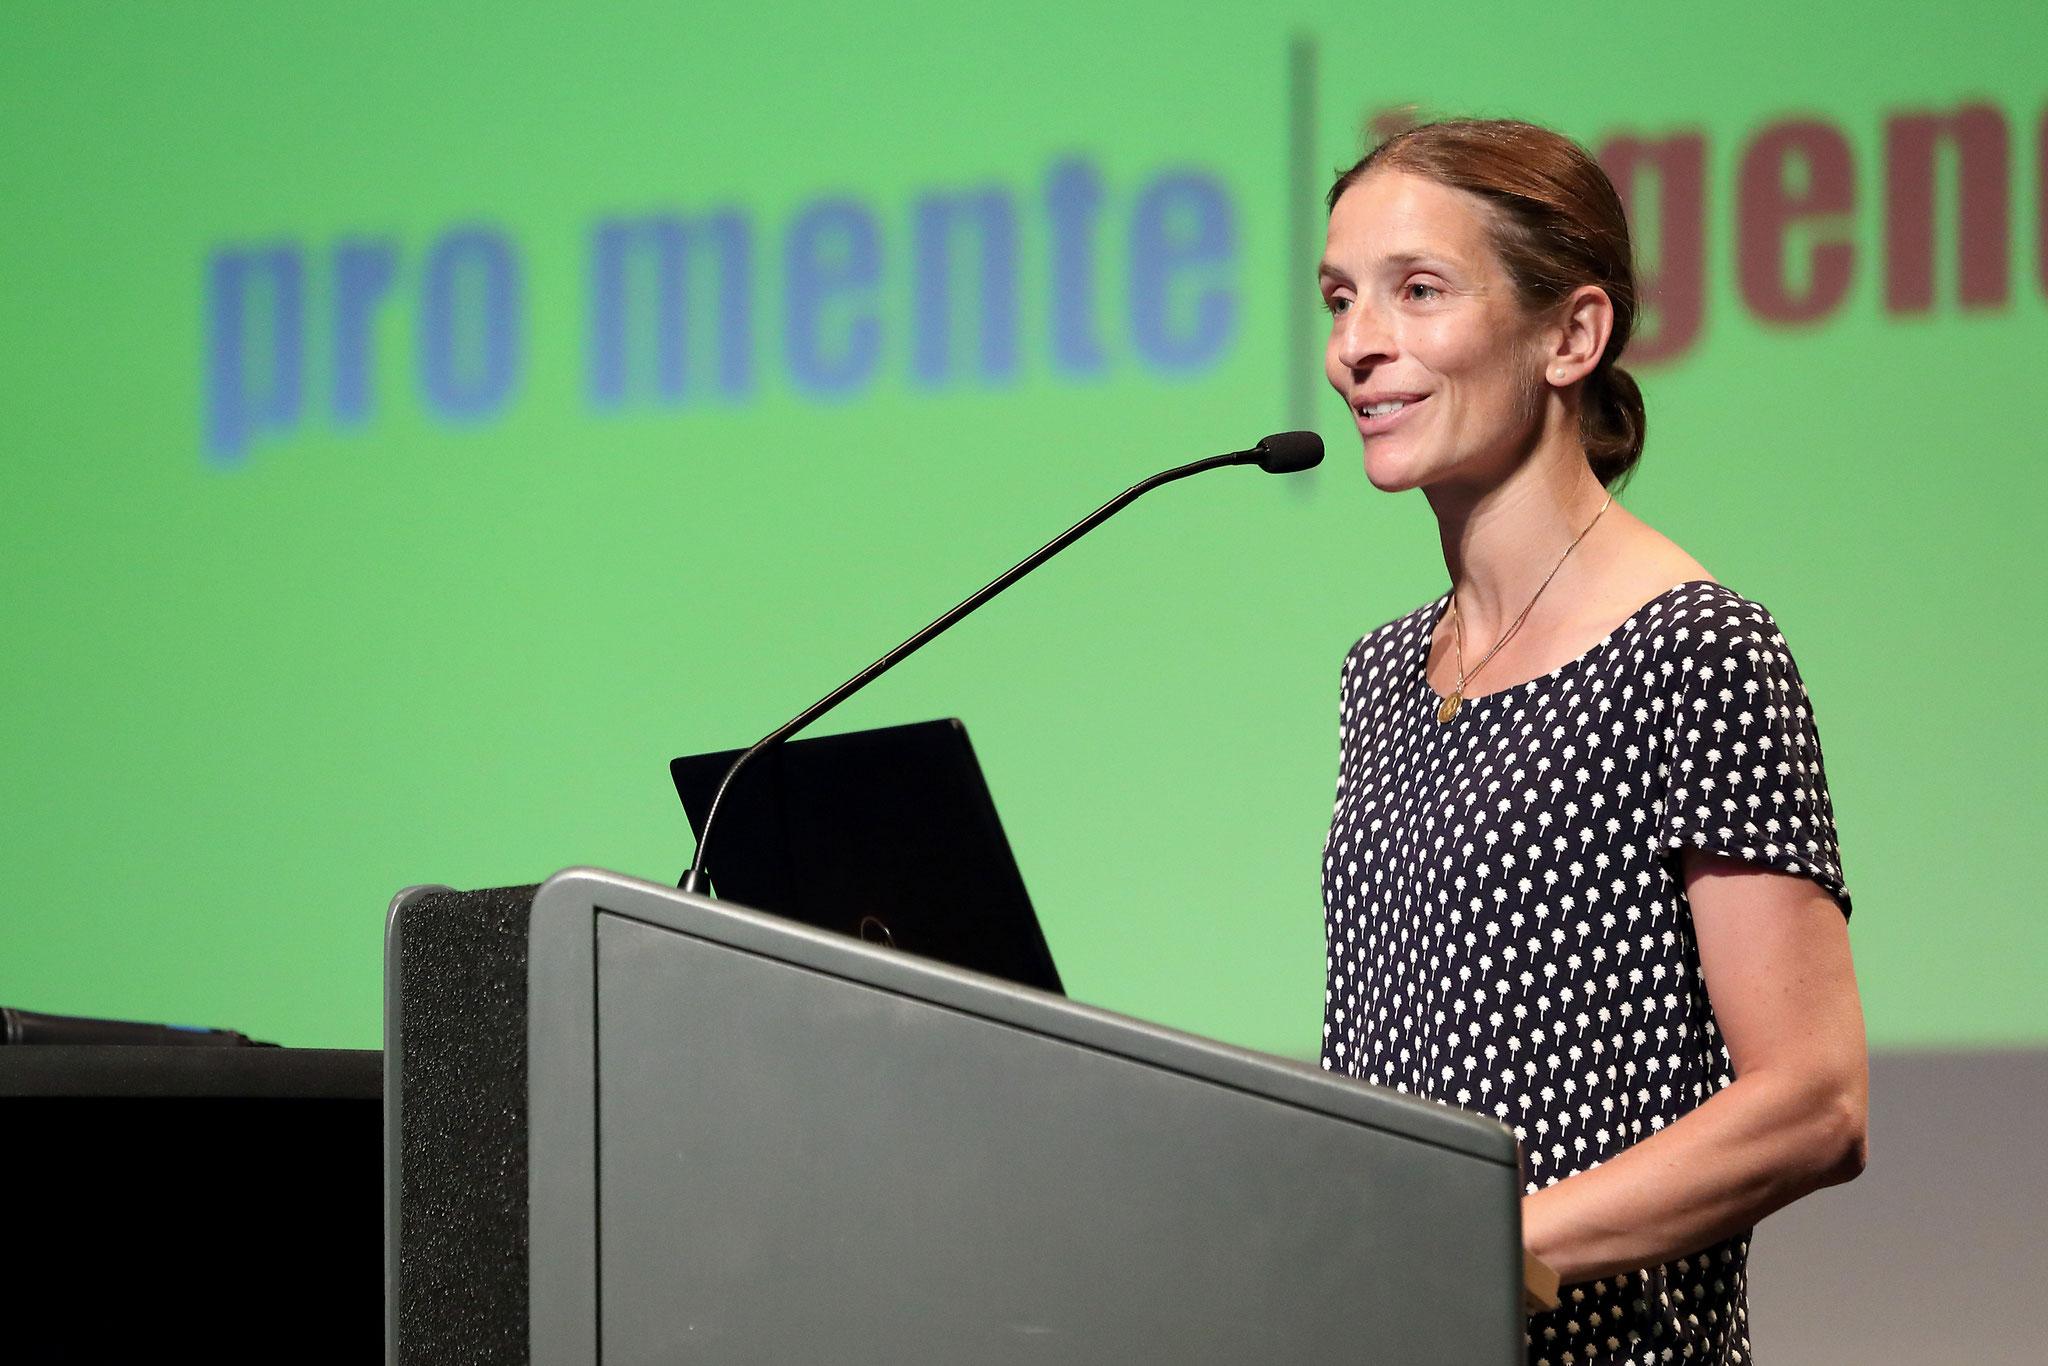 Elisabeth Manhal